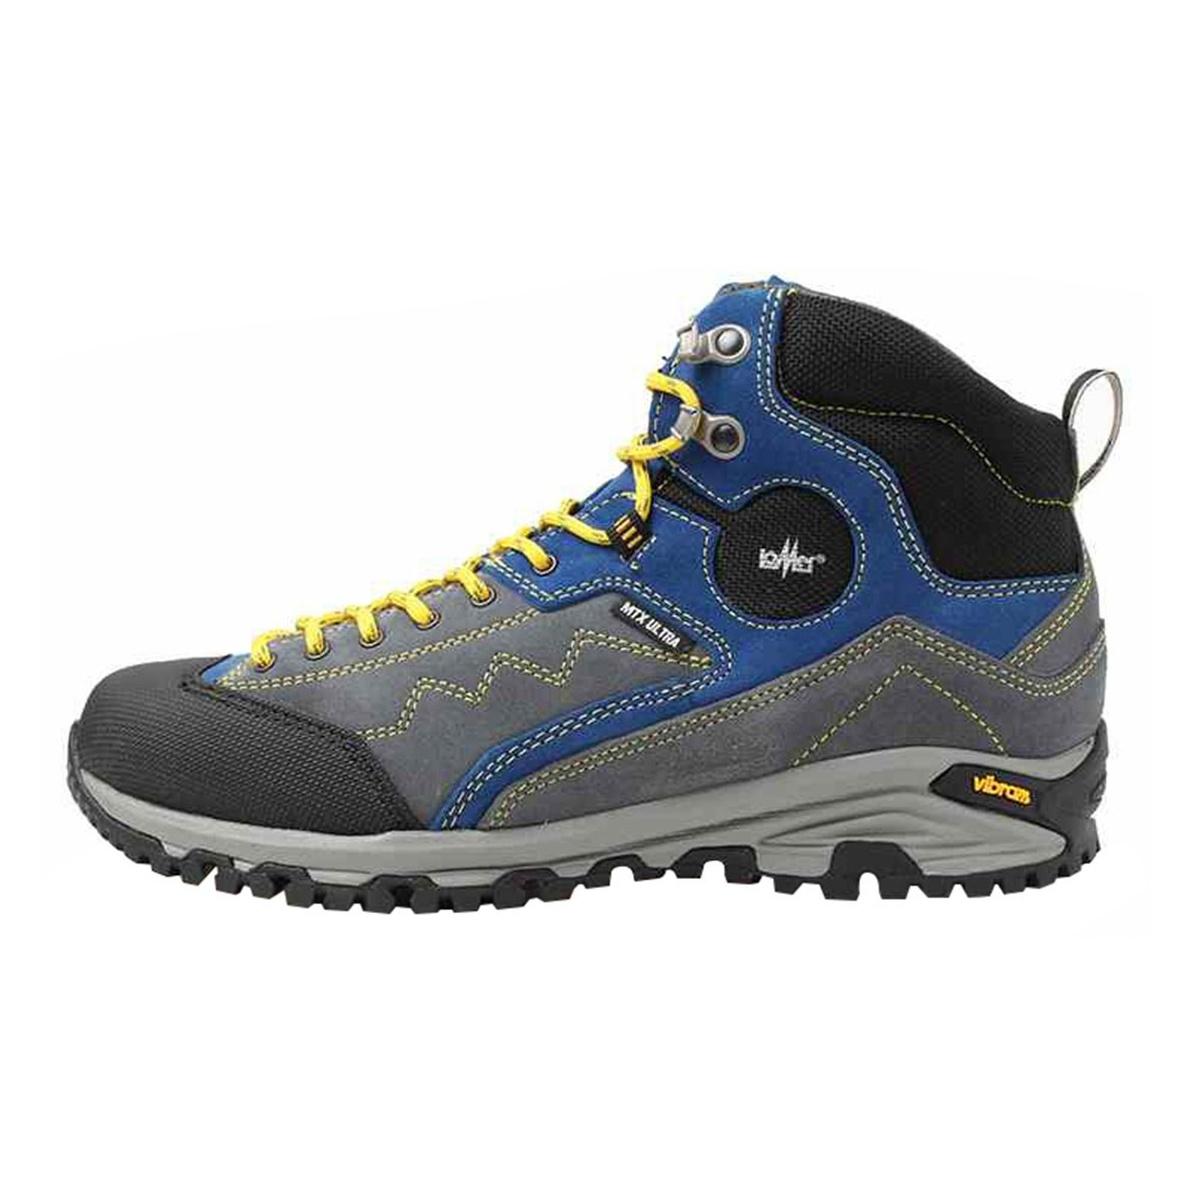 کفش کوهنوردی مردانه لومر مدل patagonia mtx ultra